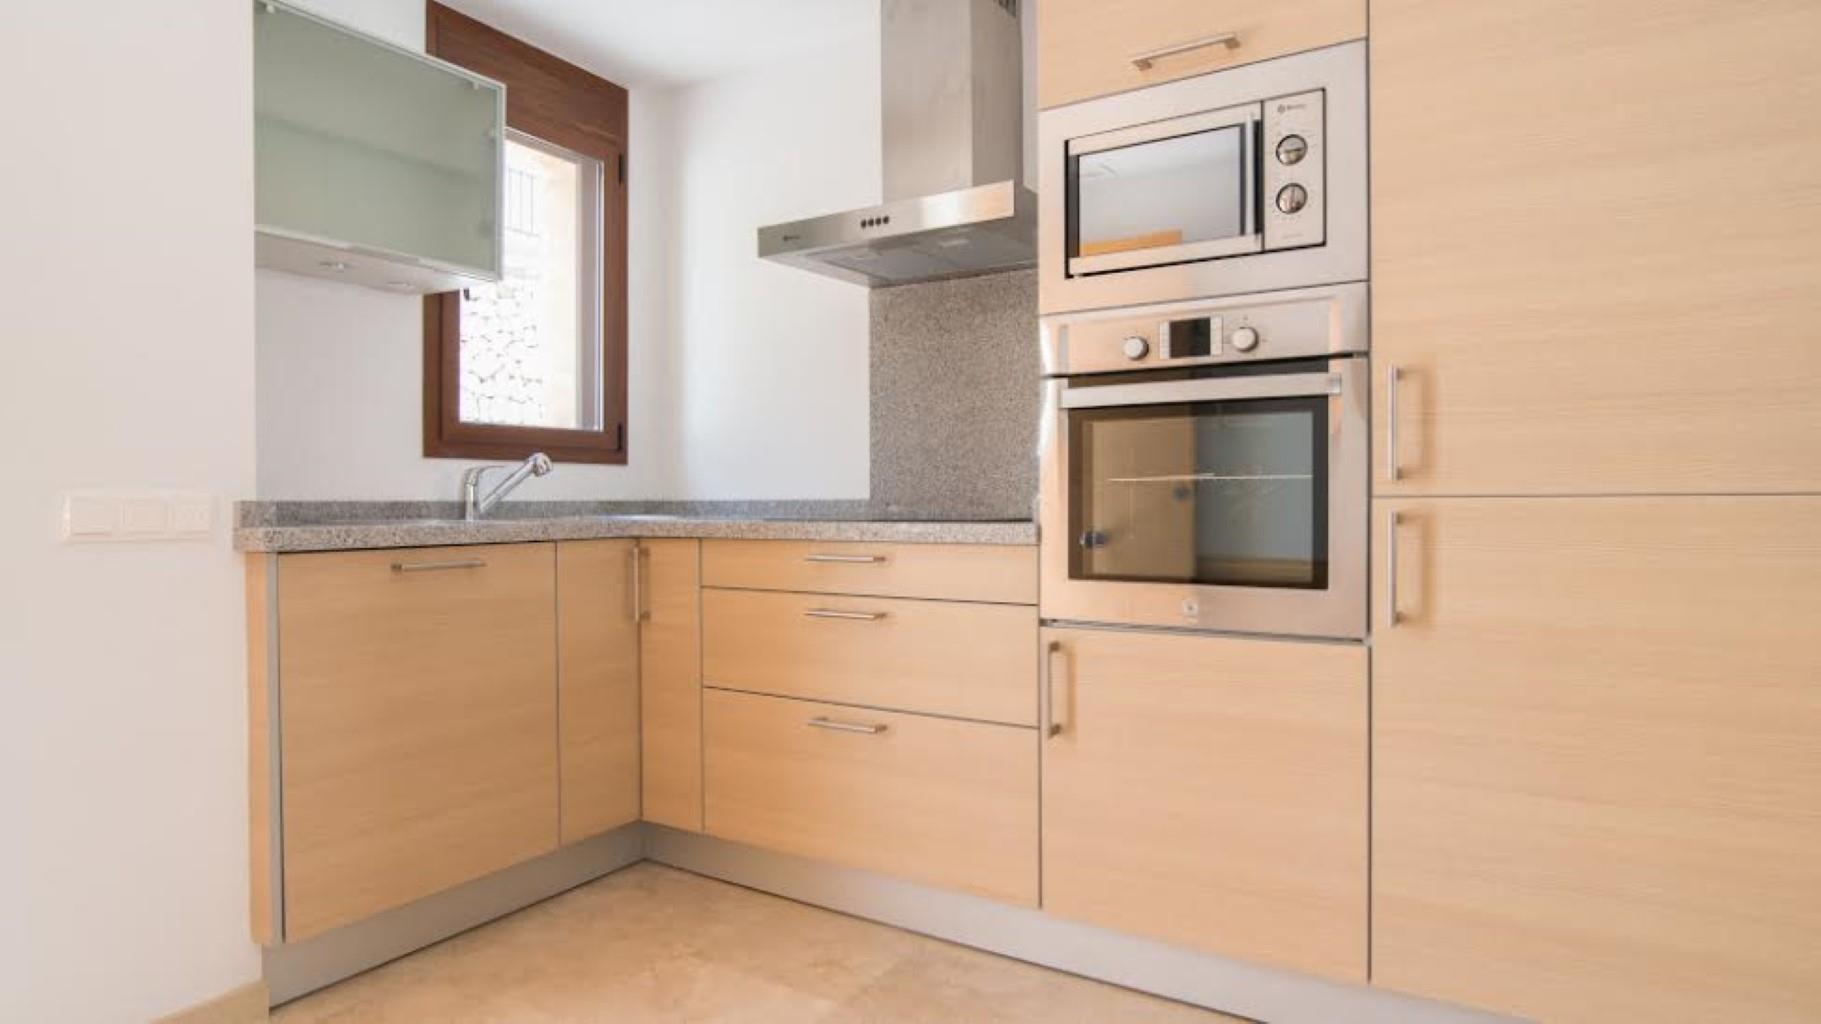 Appartement - Benissa - #2183138-5